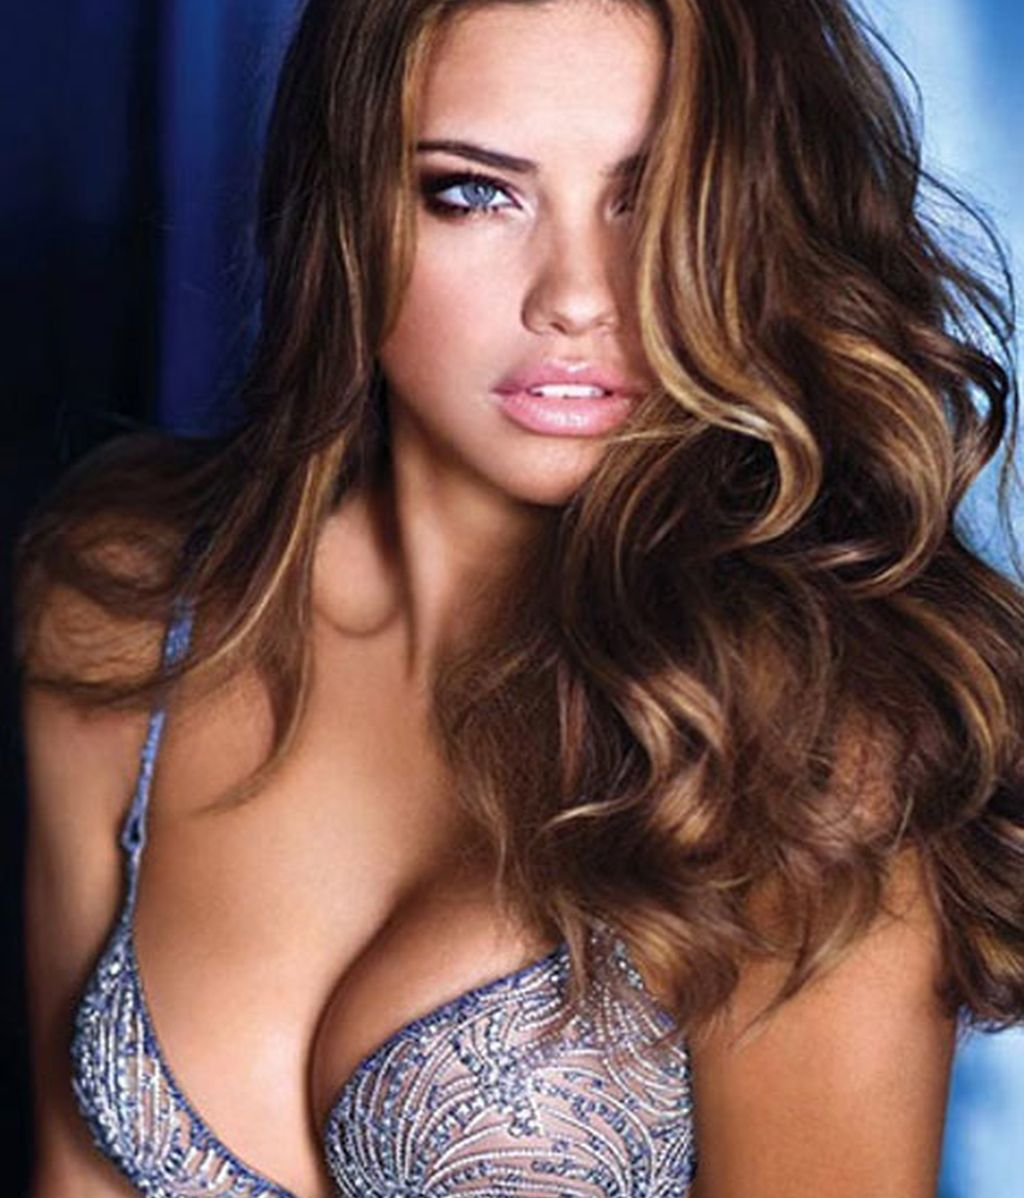 La modelo Adriana Lima, la tercera más sexy